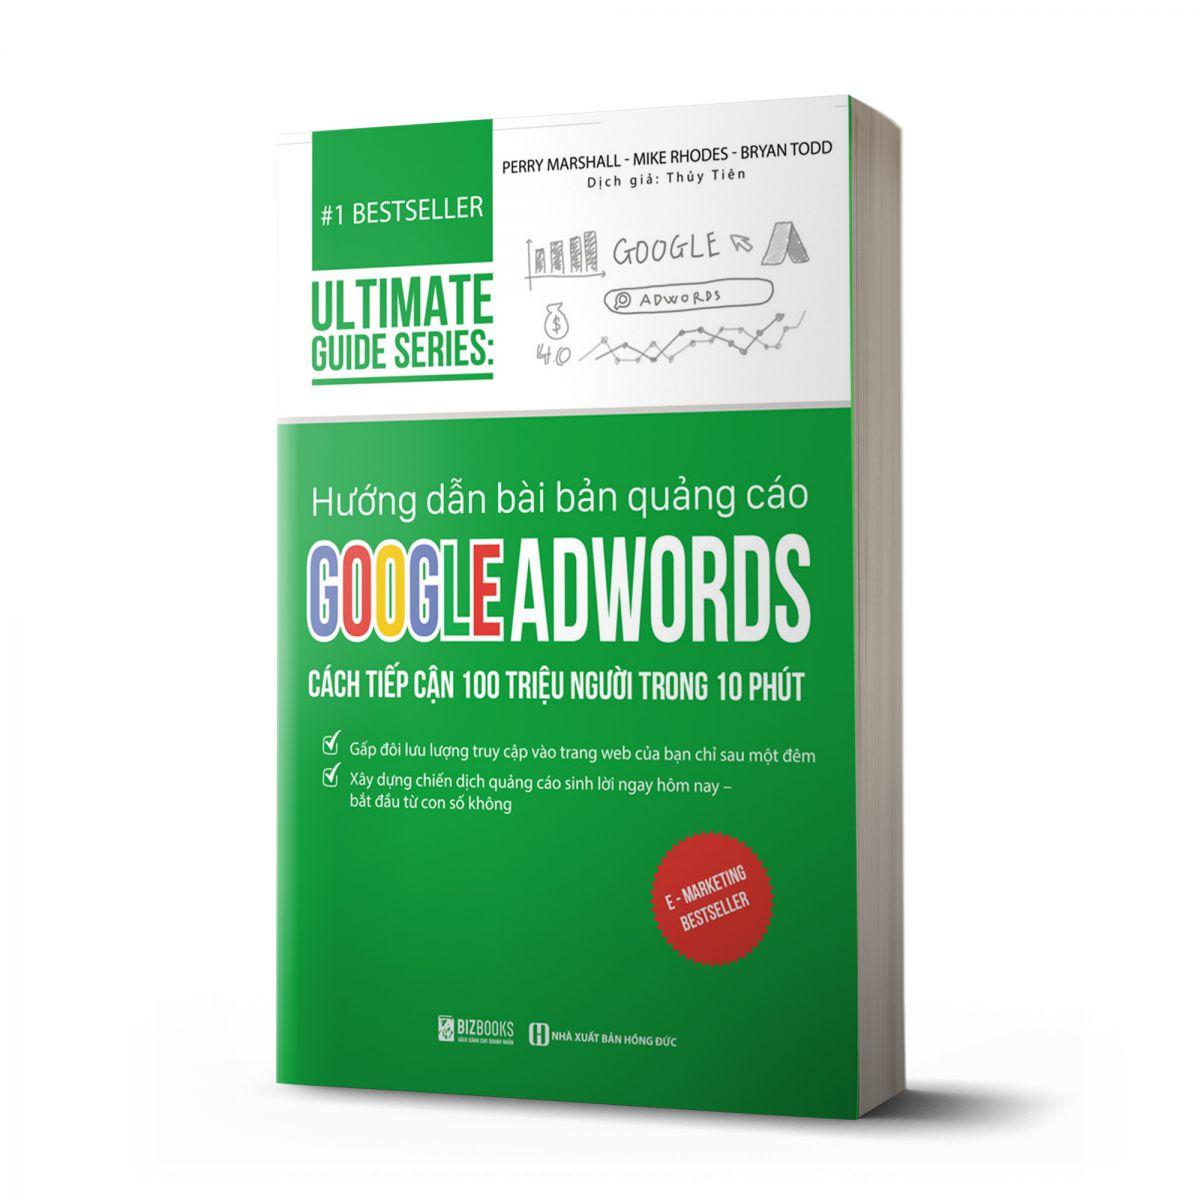 Hướng dẫn bài bản quảng cáo google adwords: Cách tiếp cận 100 triệu người trong 10 phút   Ultimate Guide Series